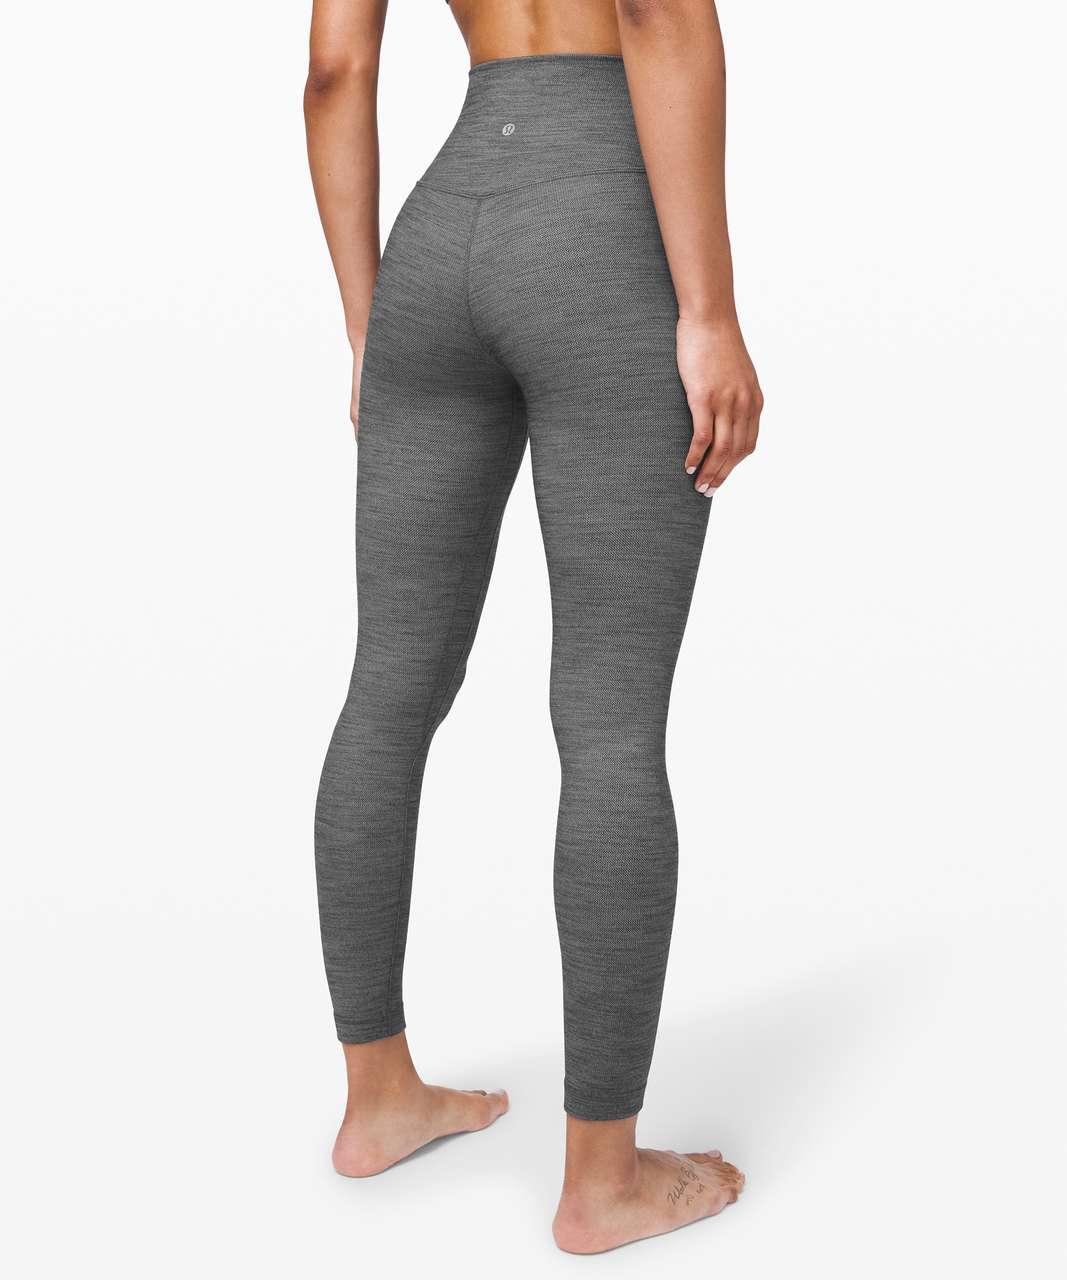 """Lululemon Align Pant II 25"""" - Mini Heathered Herringbone Heathered Black White / Black"""